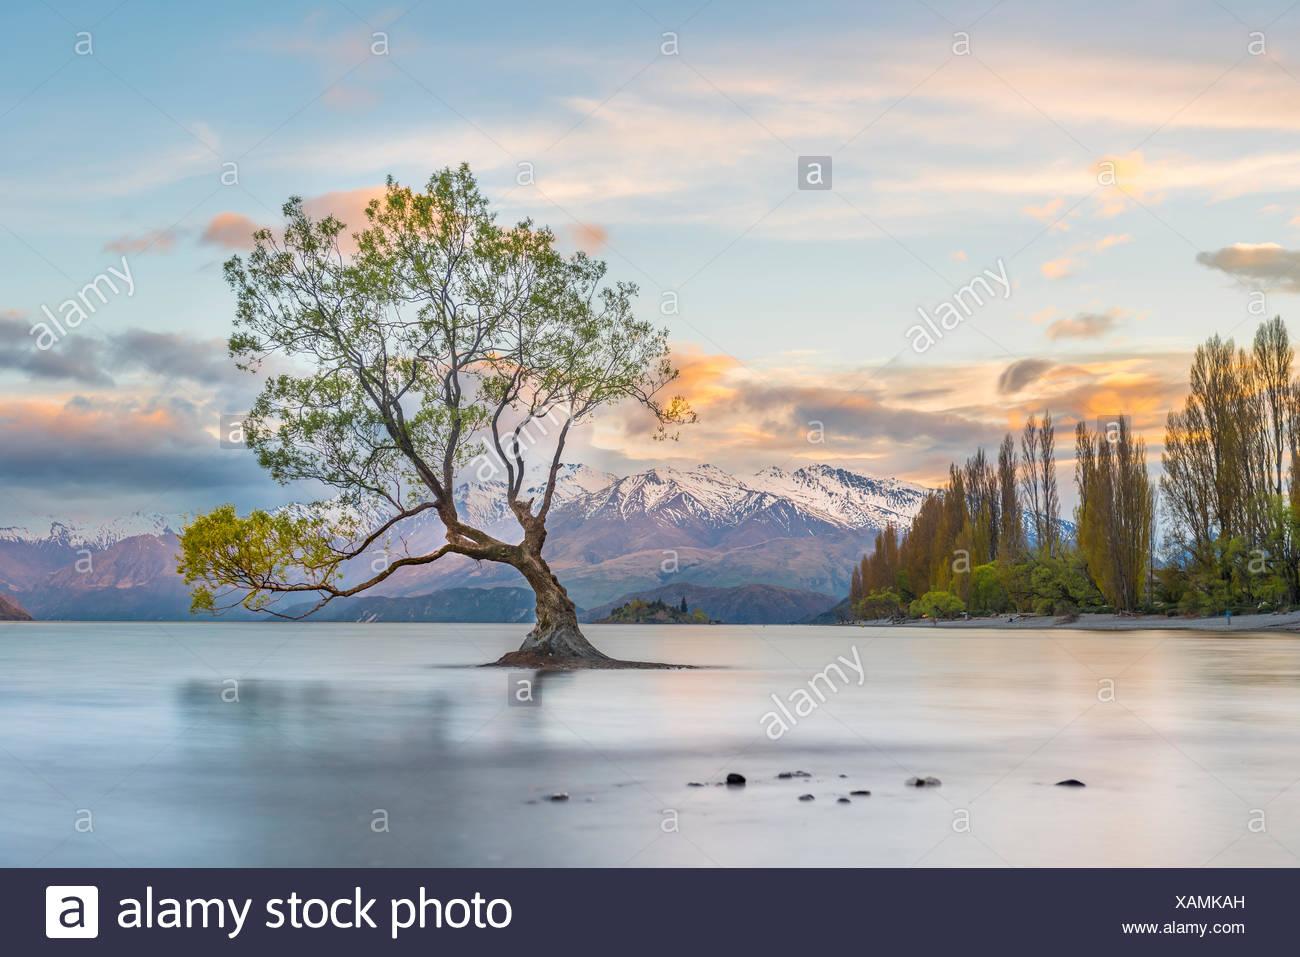 Sunrise, singolo albero in piedi in acqua, il lago Wanaka, Il Wanaka Tree, Roys Bay, Otago Southland, Nuova Zelanda Immagini Stock